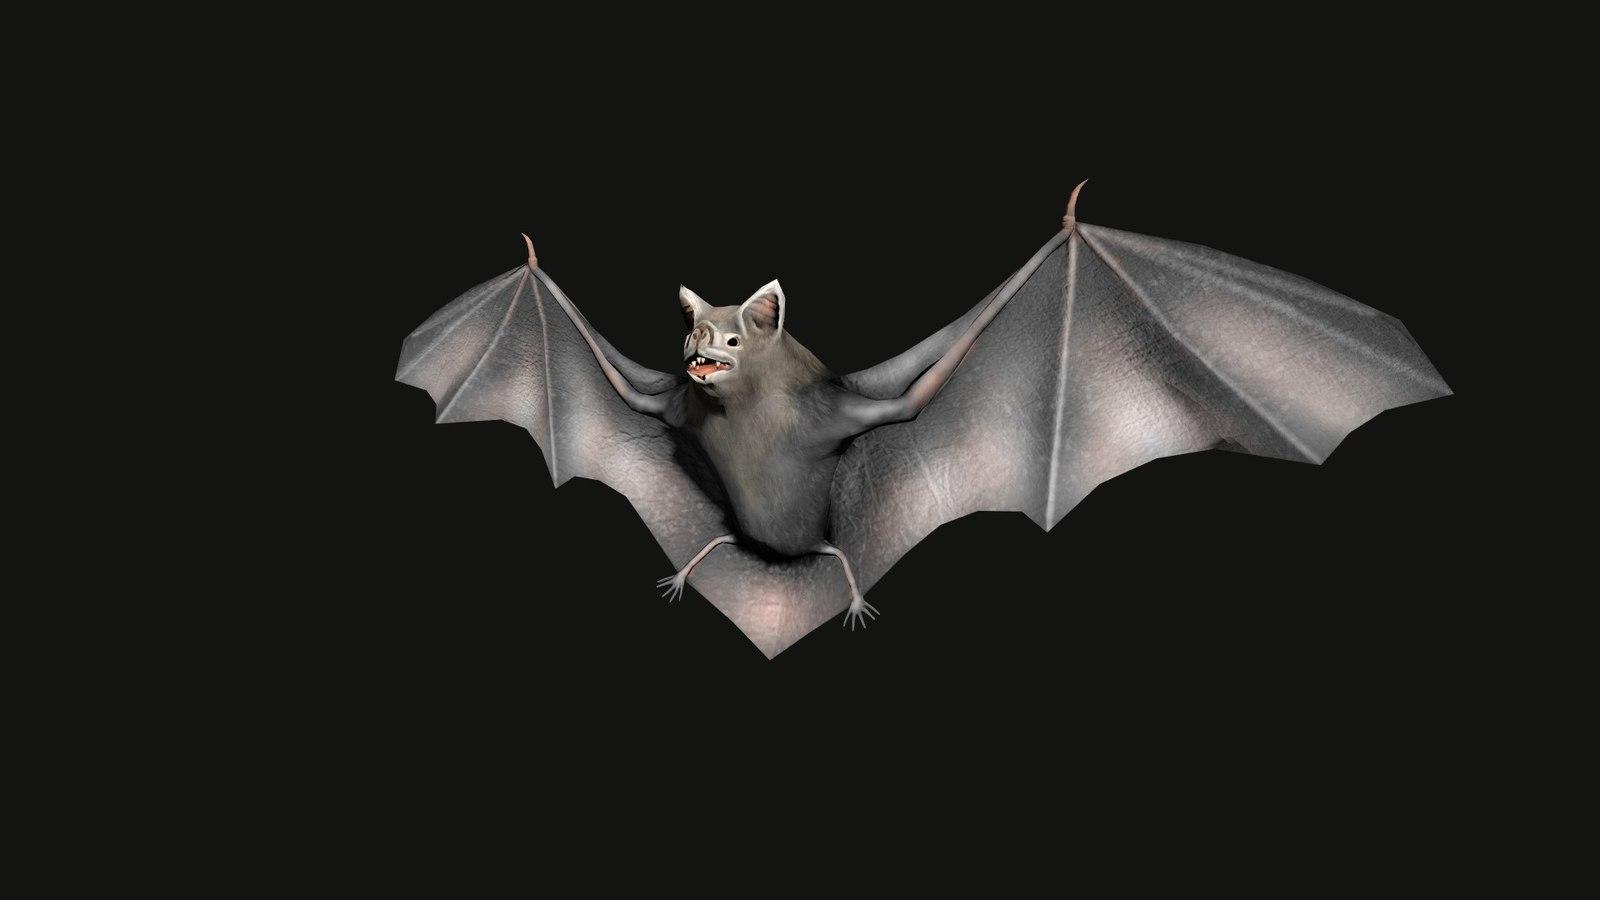 Картинка с грустной летучей мышкой